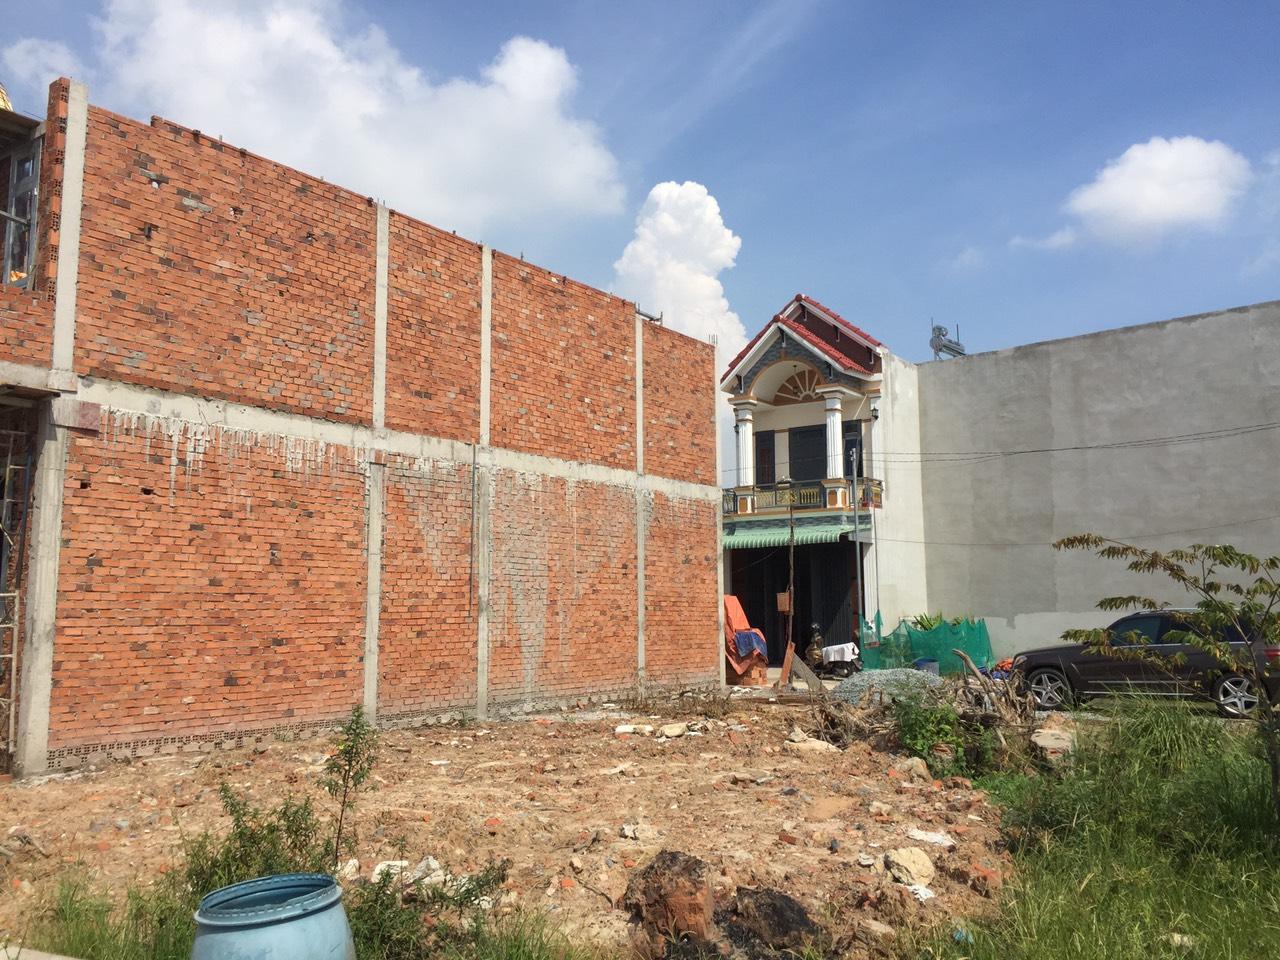 Bán nhà khu phố Bình Dương phường Long Bình Tân giá 2 tỷ 600 triệu